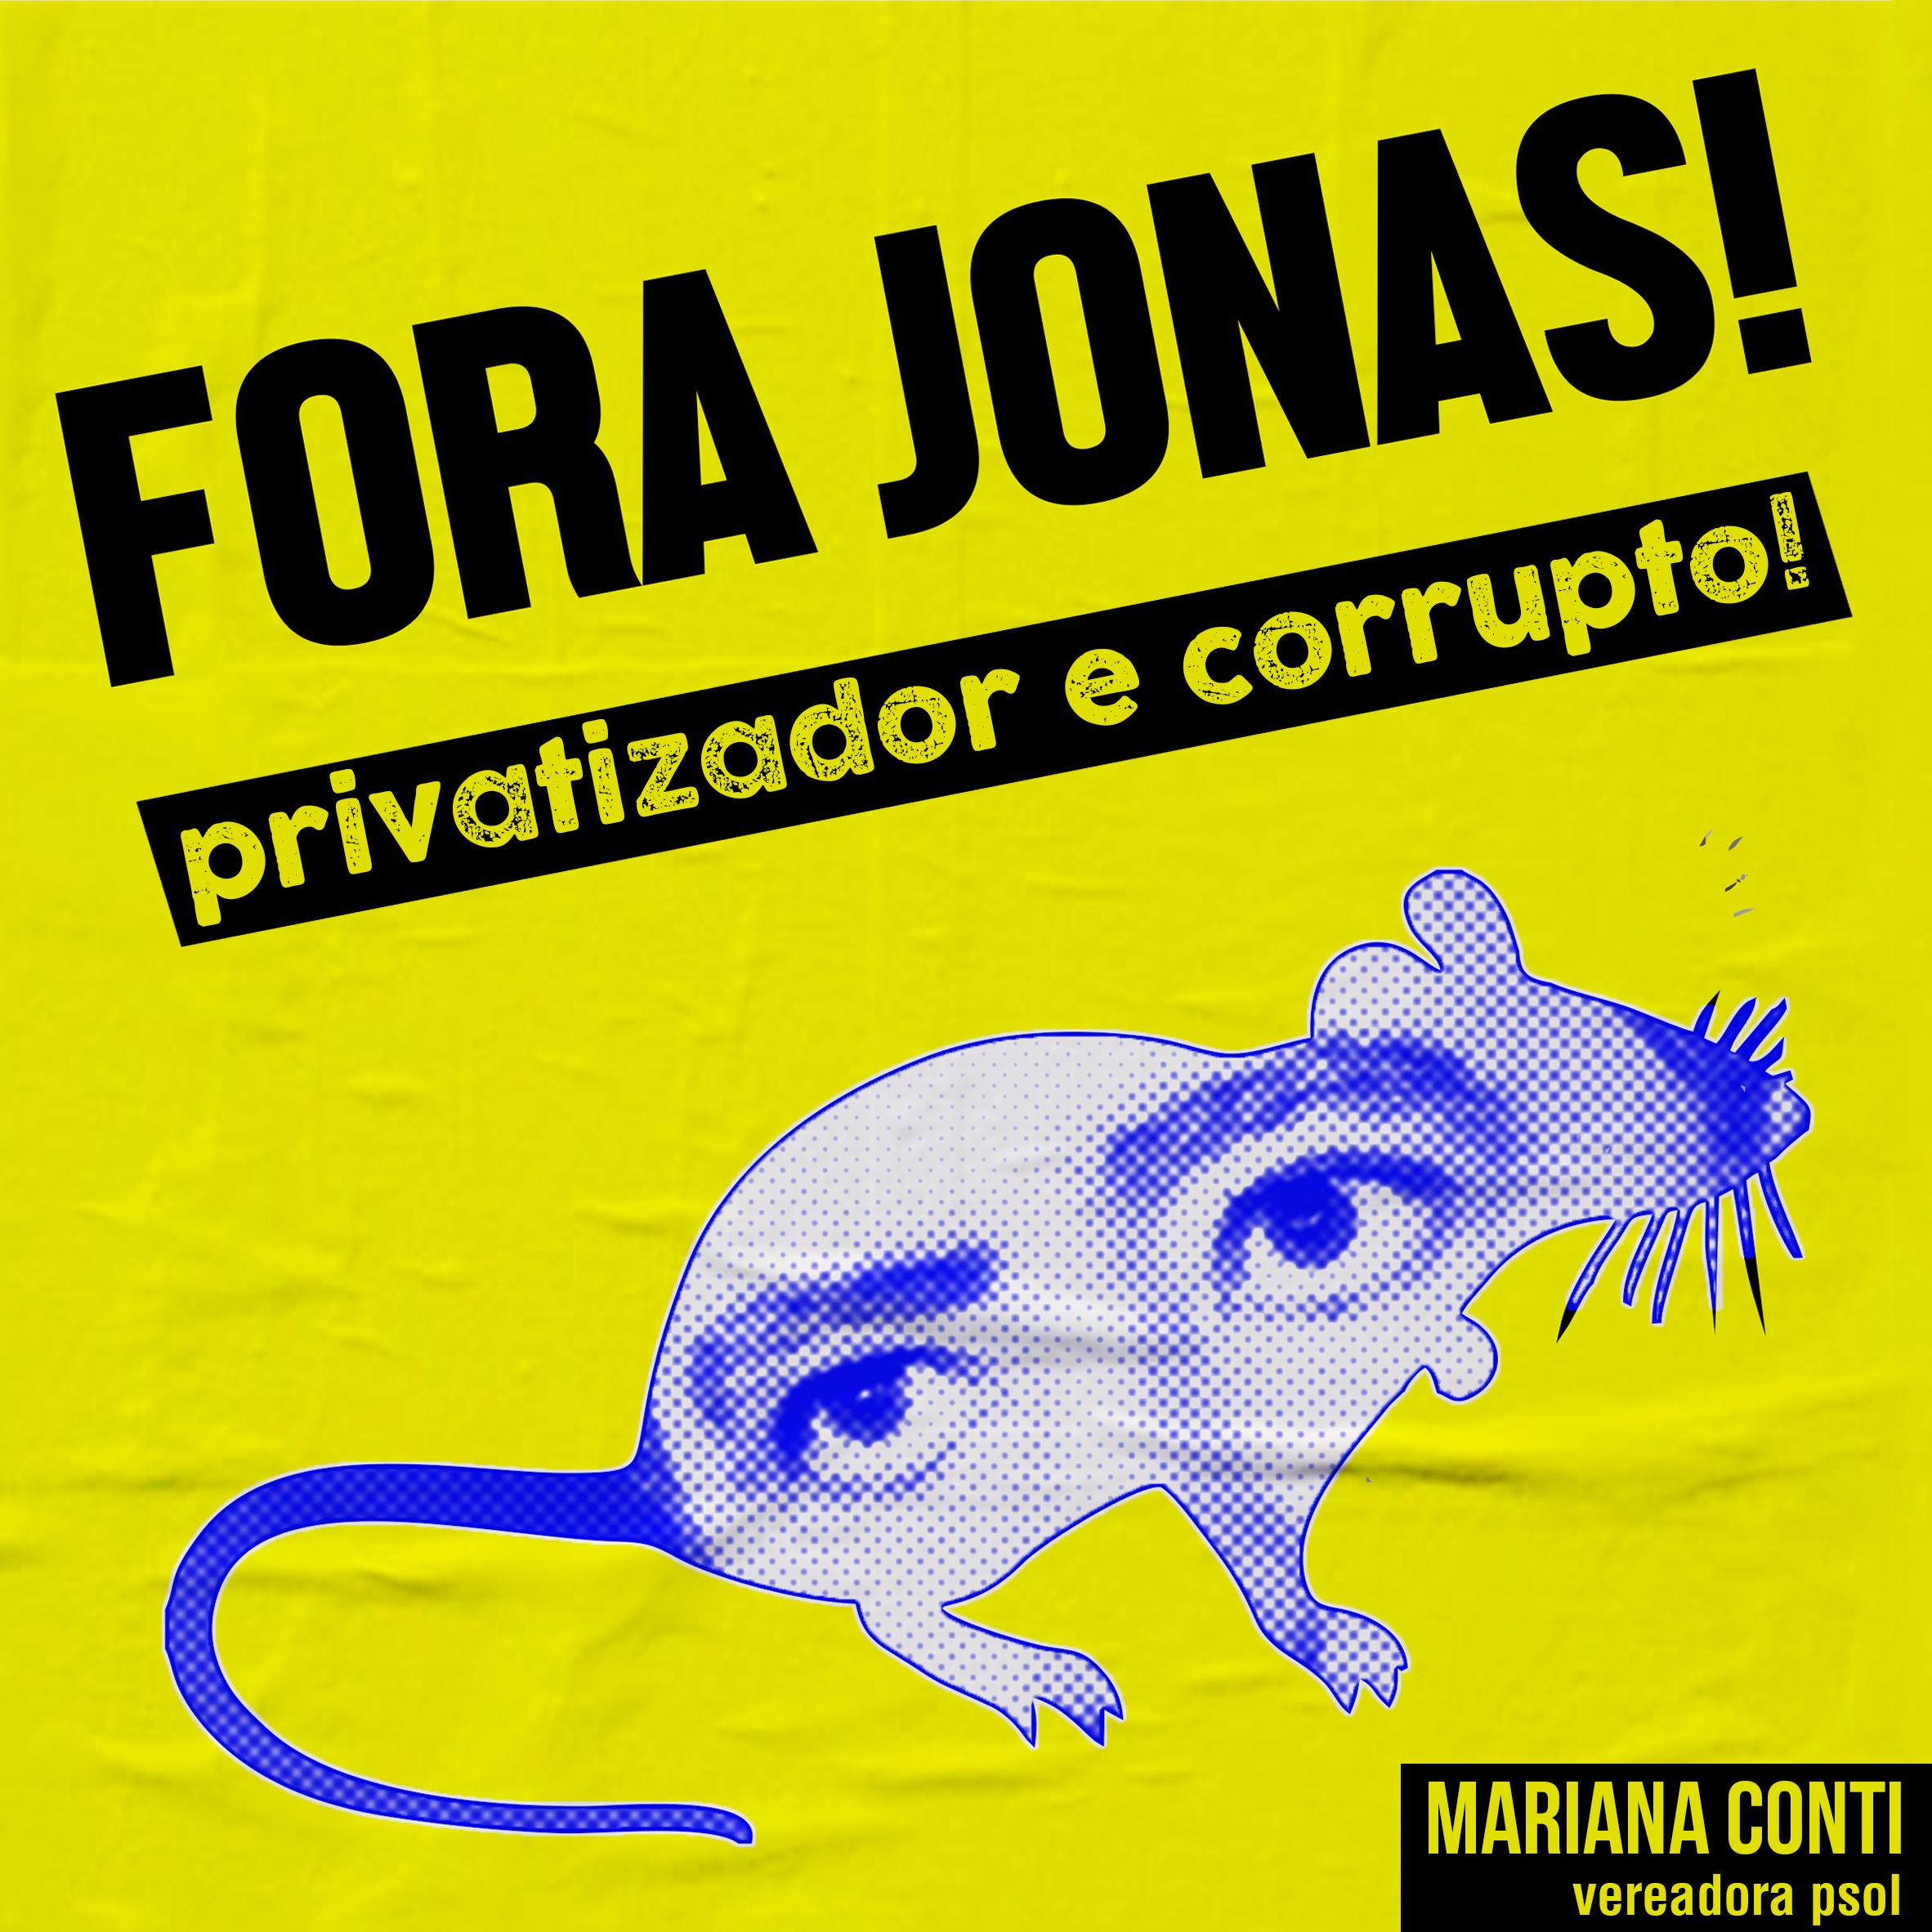 Fora Jonas!